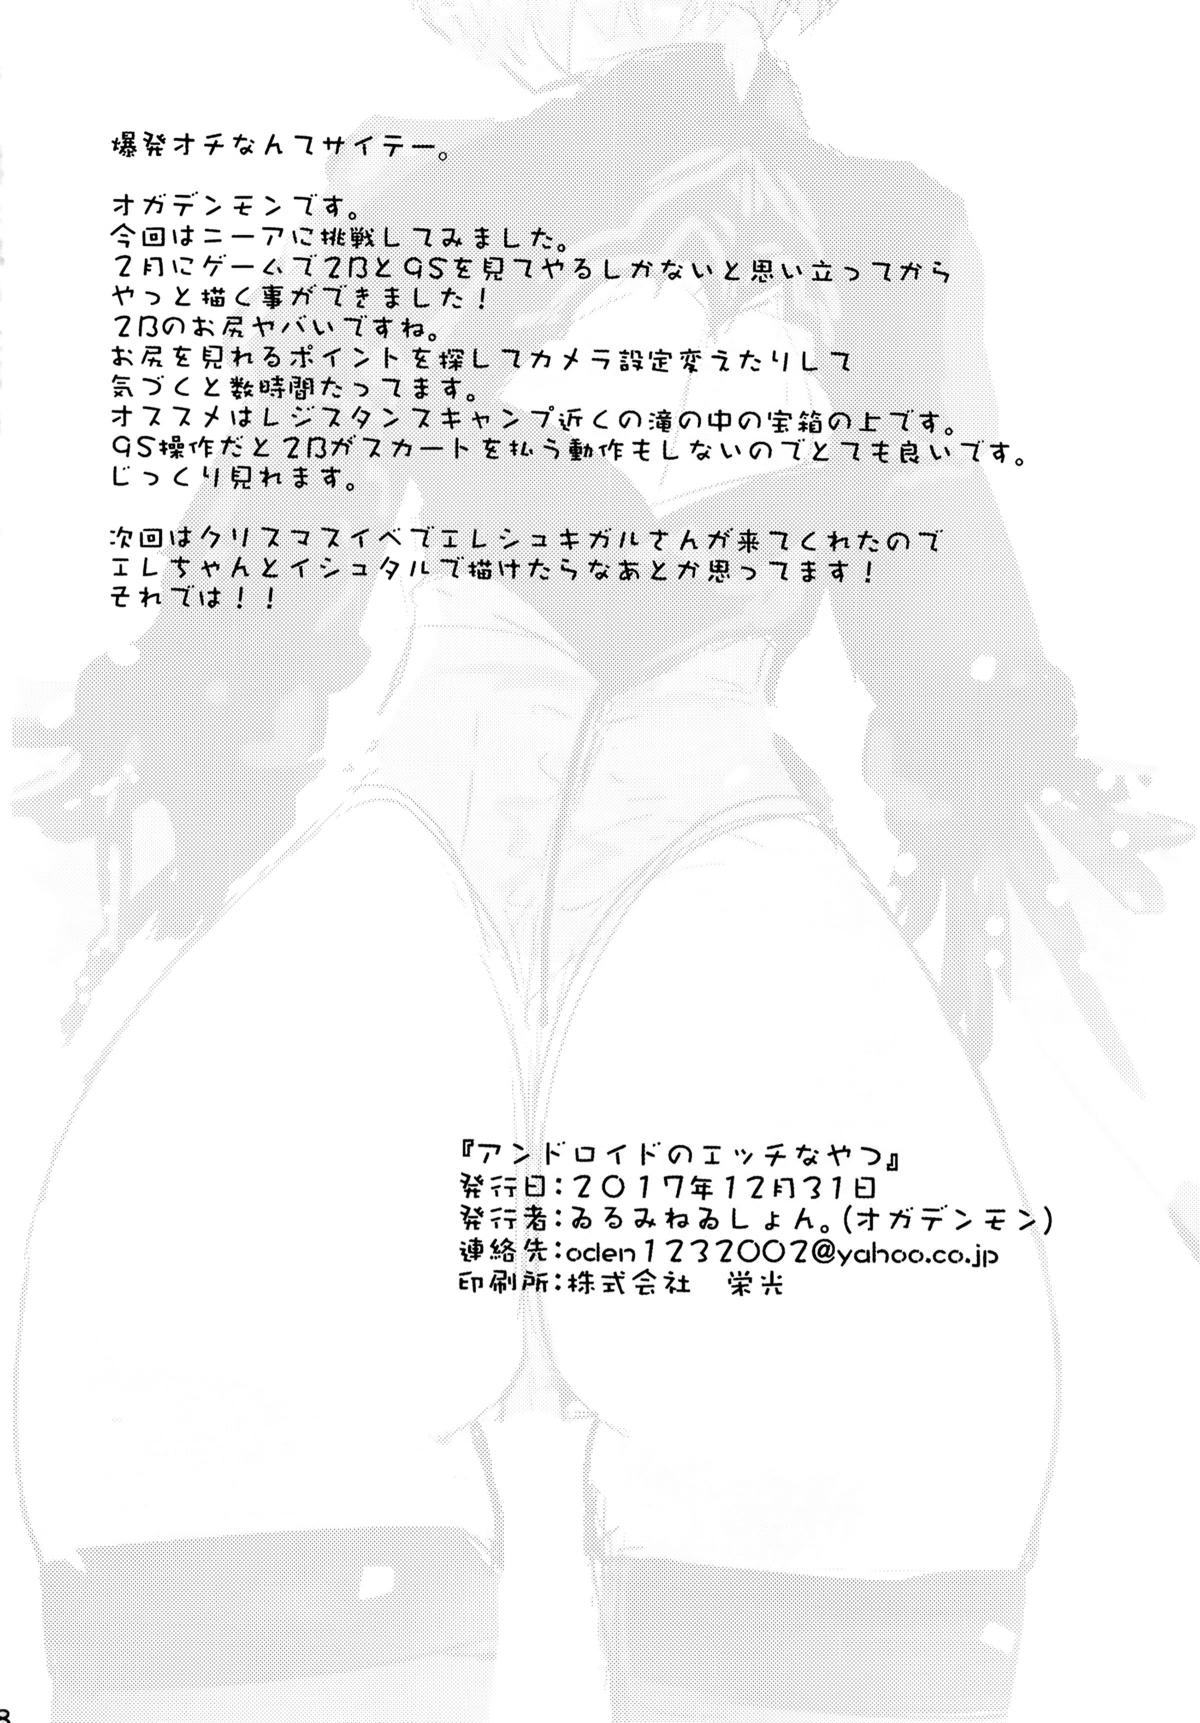 Hình ảnh  trong bài viết Truyện hentai Android no Ecchi na Yatsu